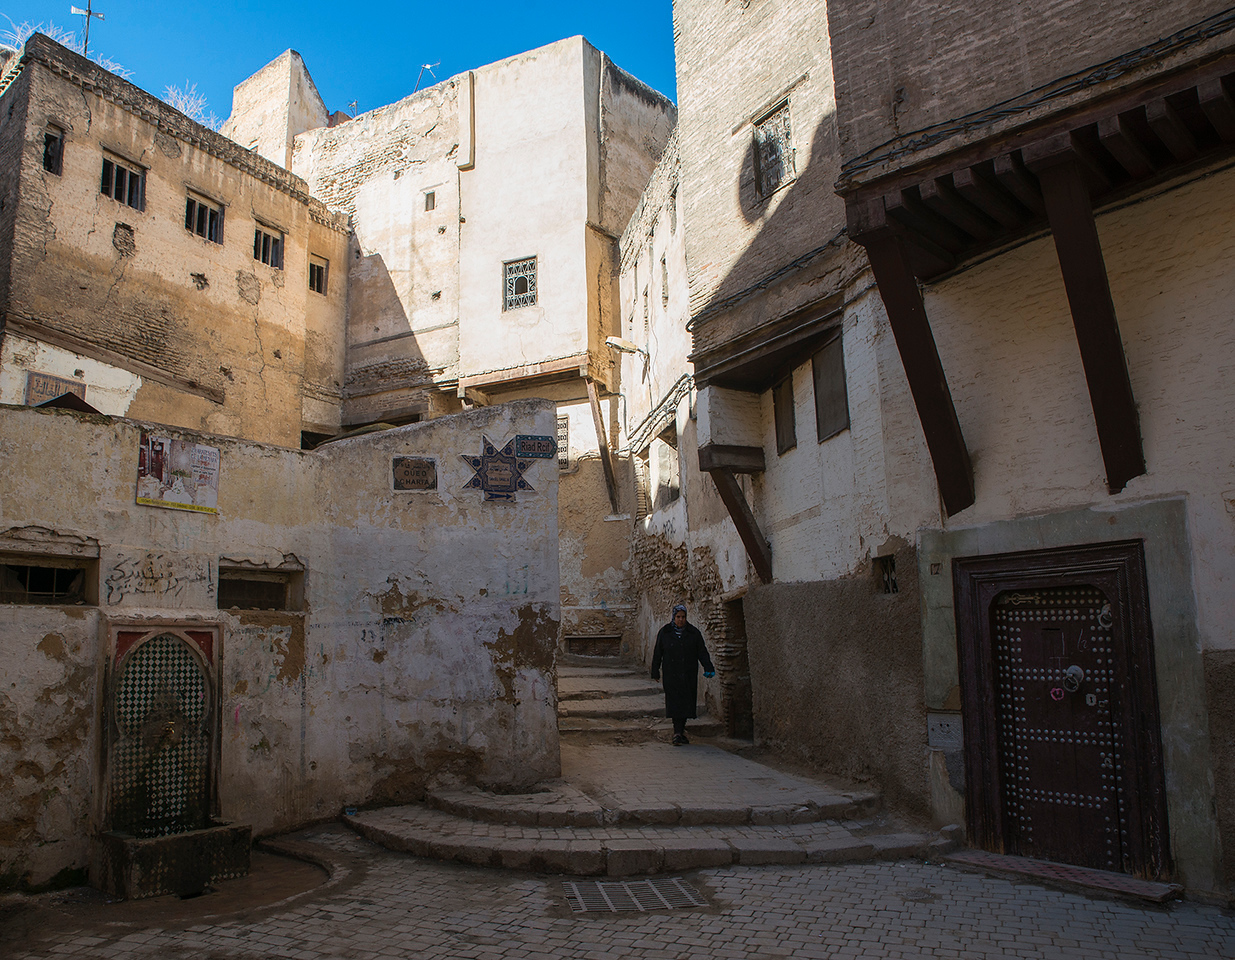 Street scene in the old medina.<br /> <br /> Fez, Morocco, 2018